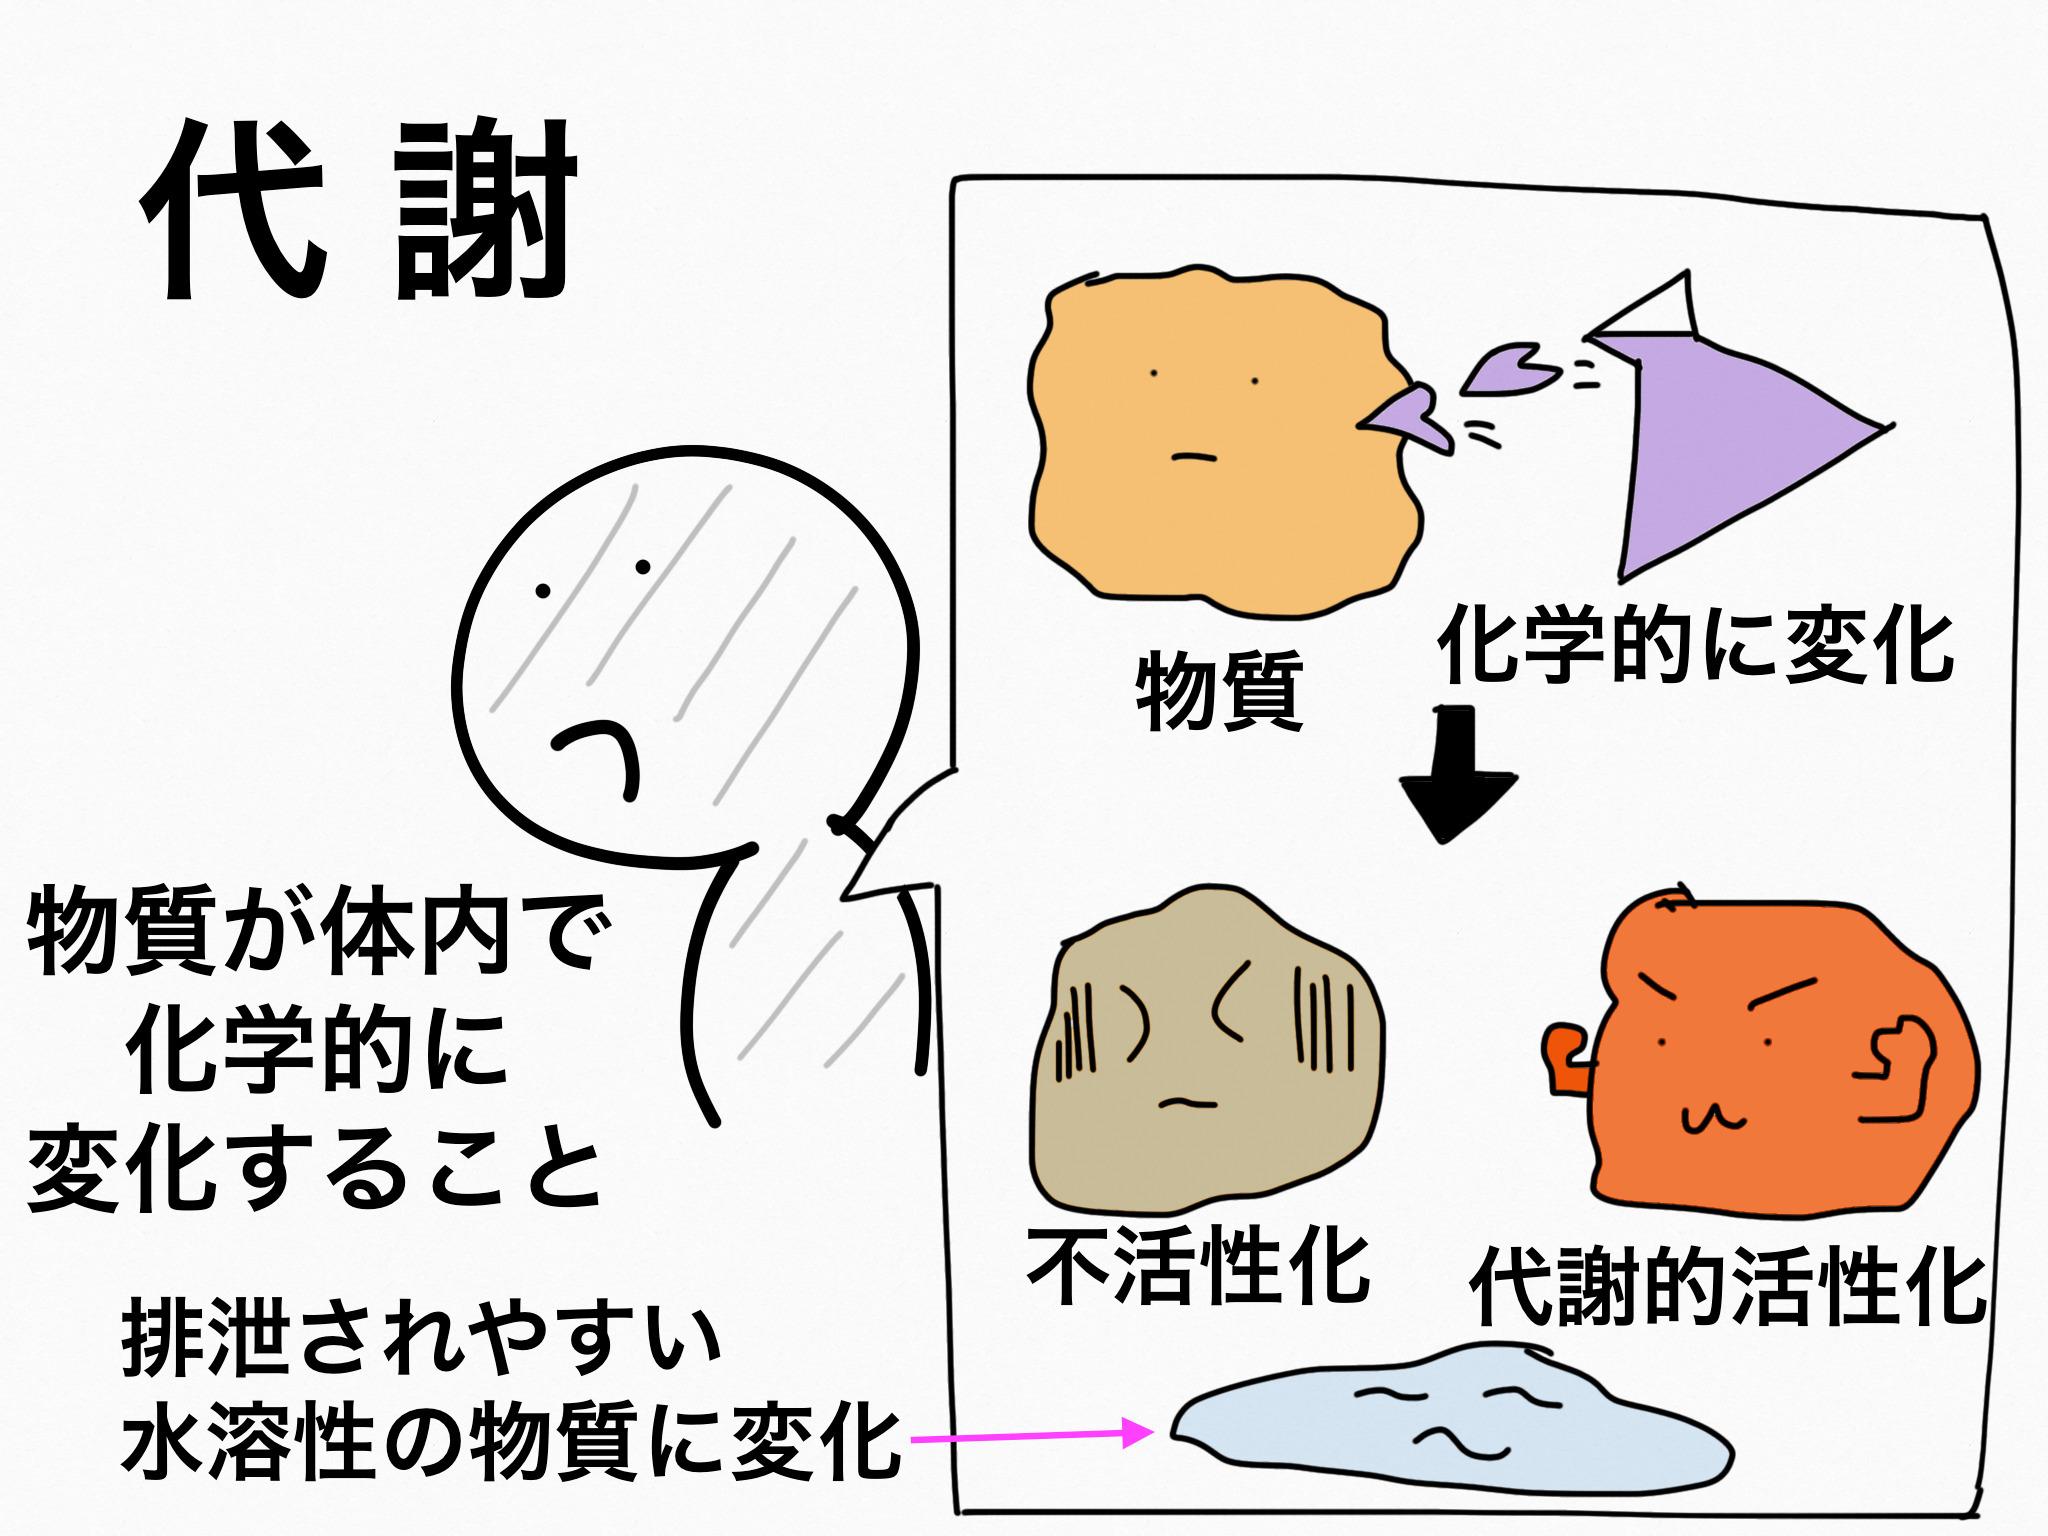 代謝・排泄【第2章の覚え方】